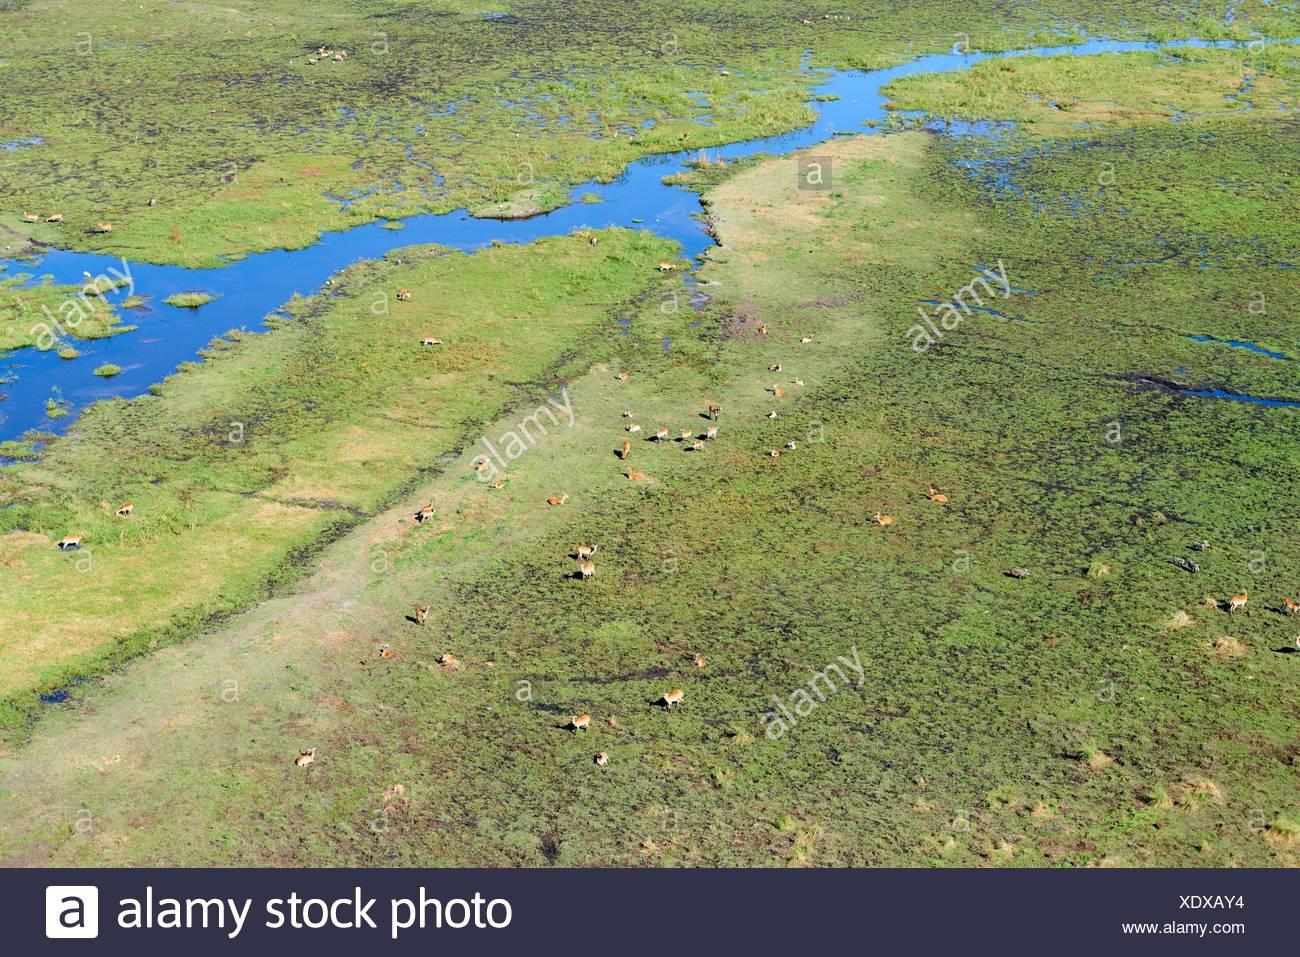 Vue aérienne de Cobes Lechwes (Kobus leche) dans le marais, Okavango Delta, Botswana. Banque D'Images